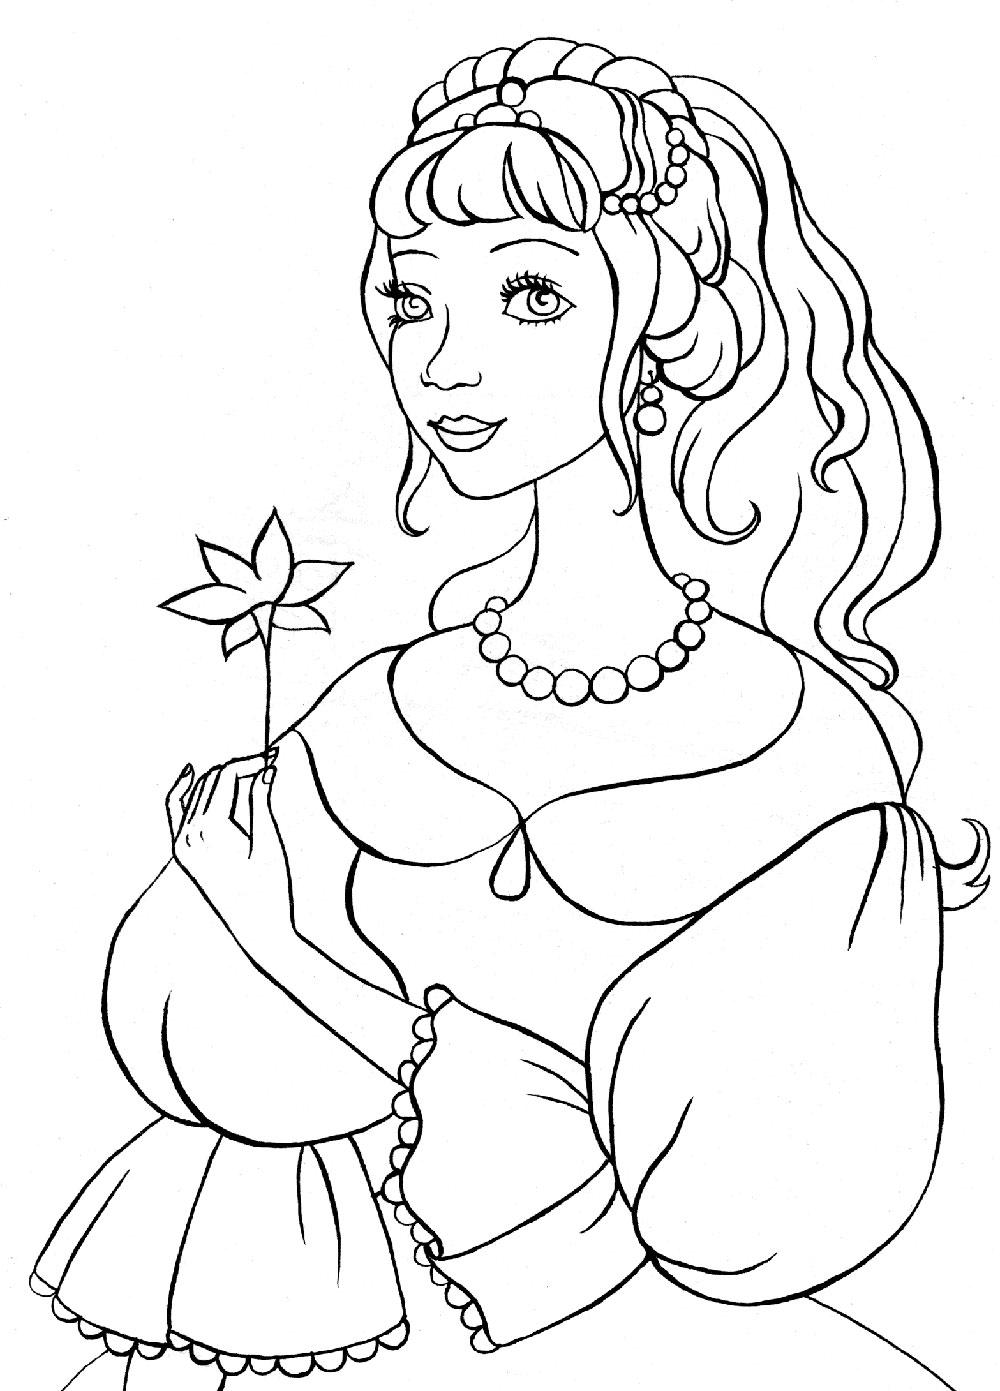 Раскраски принцессы распечатать | Детские раскраски ...